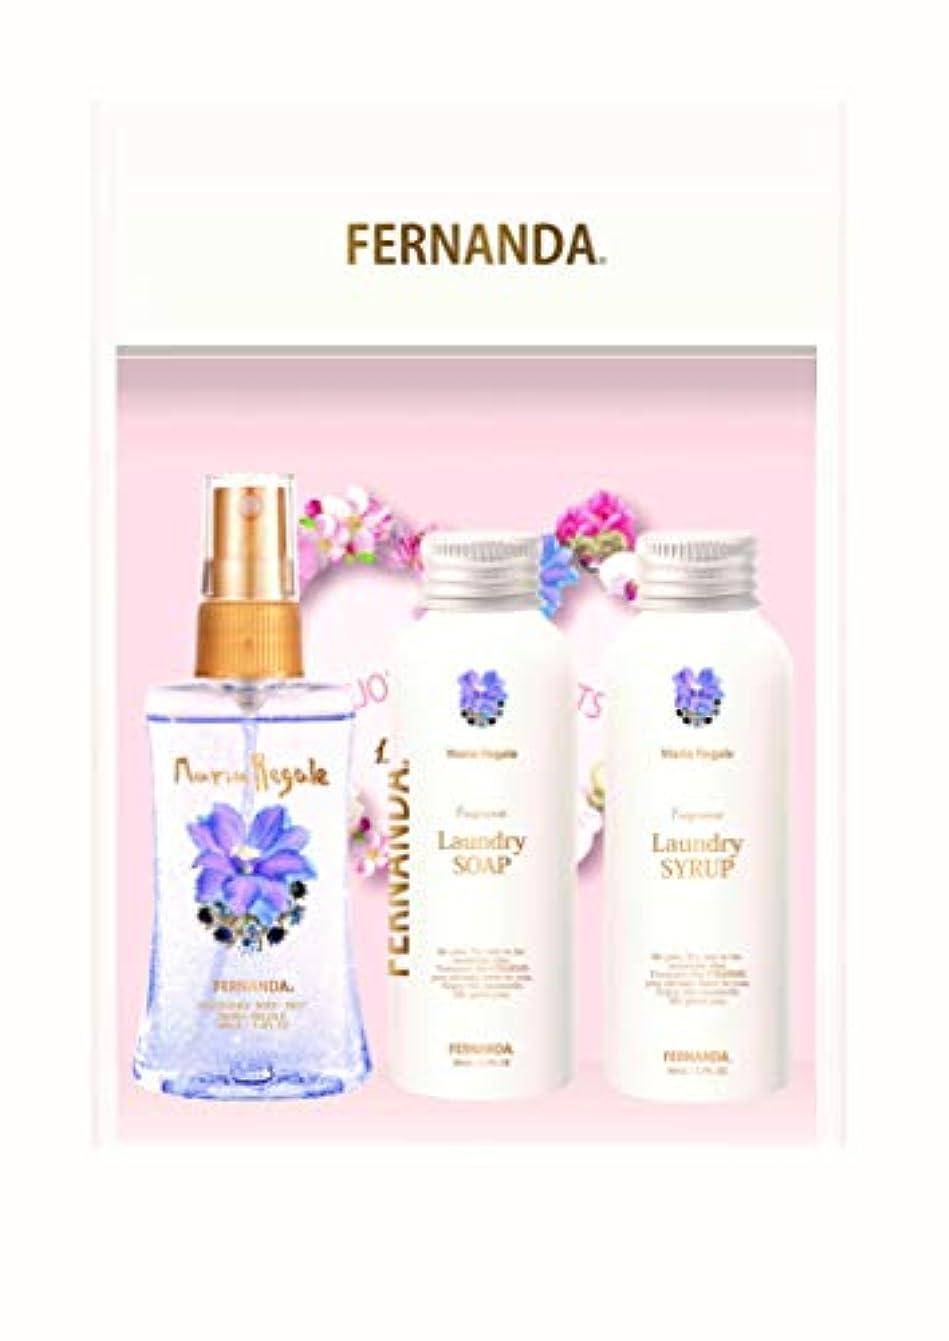 知るラップトップ大陸FERNANDA(フェルナンダ)Mist & Laundry Soap & Laungry Syrup Gift Set Maria Regale (ミスト&ランドリーソープ & ランドリーシロップ ギフトセット マリアリゲル)